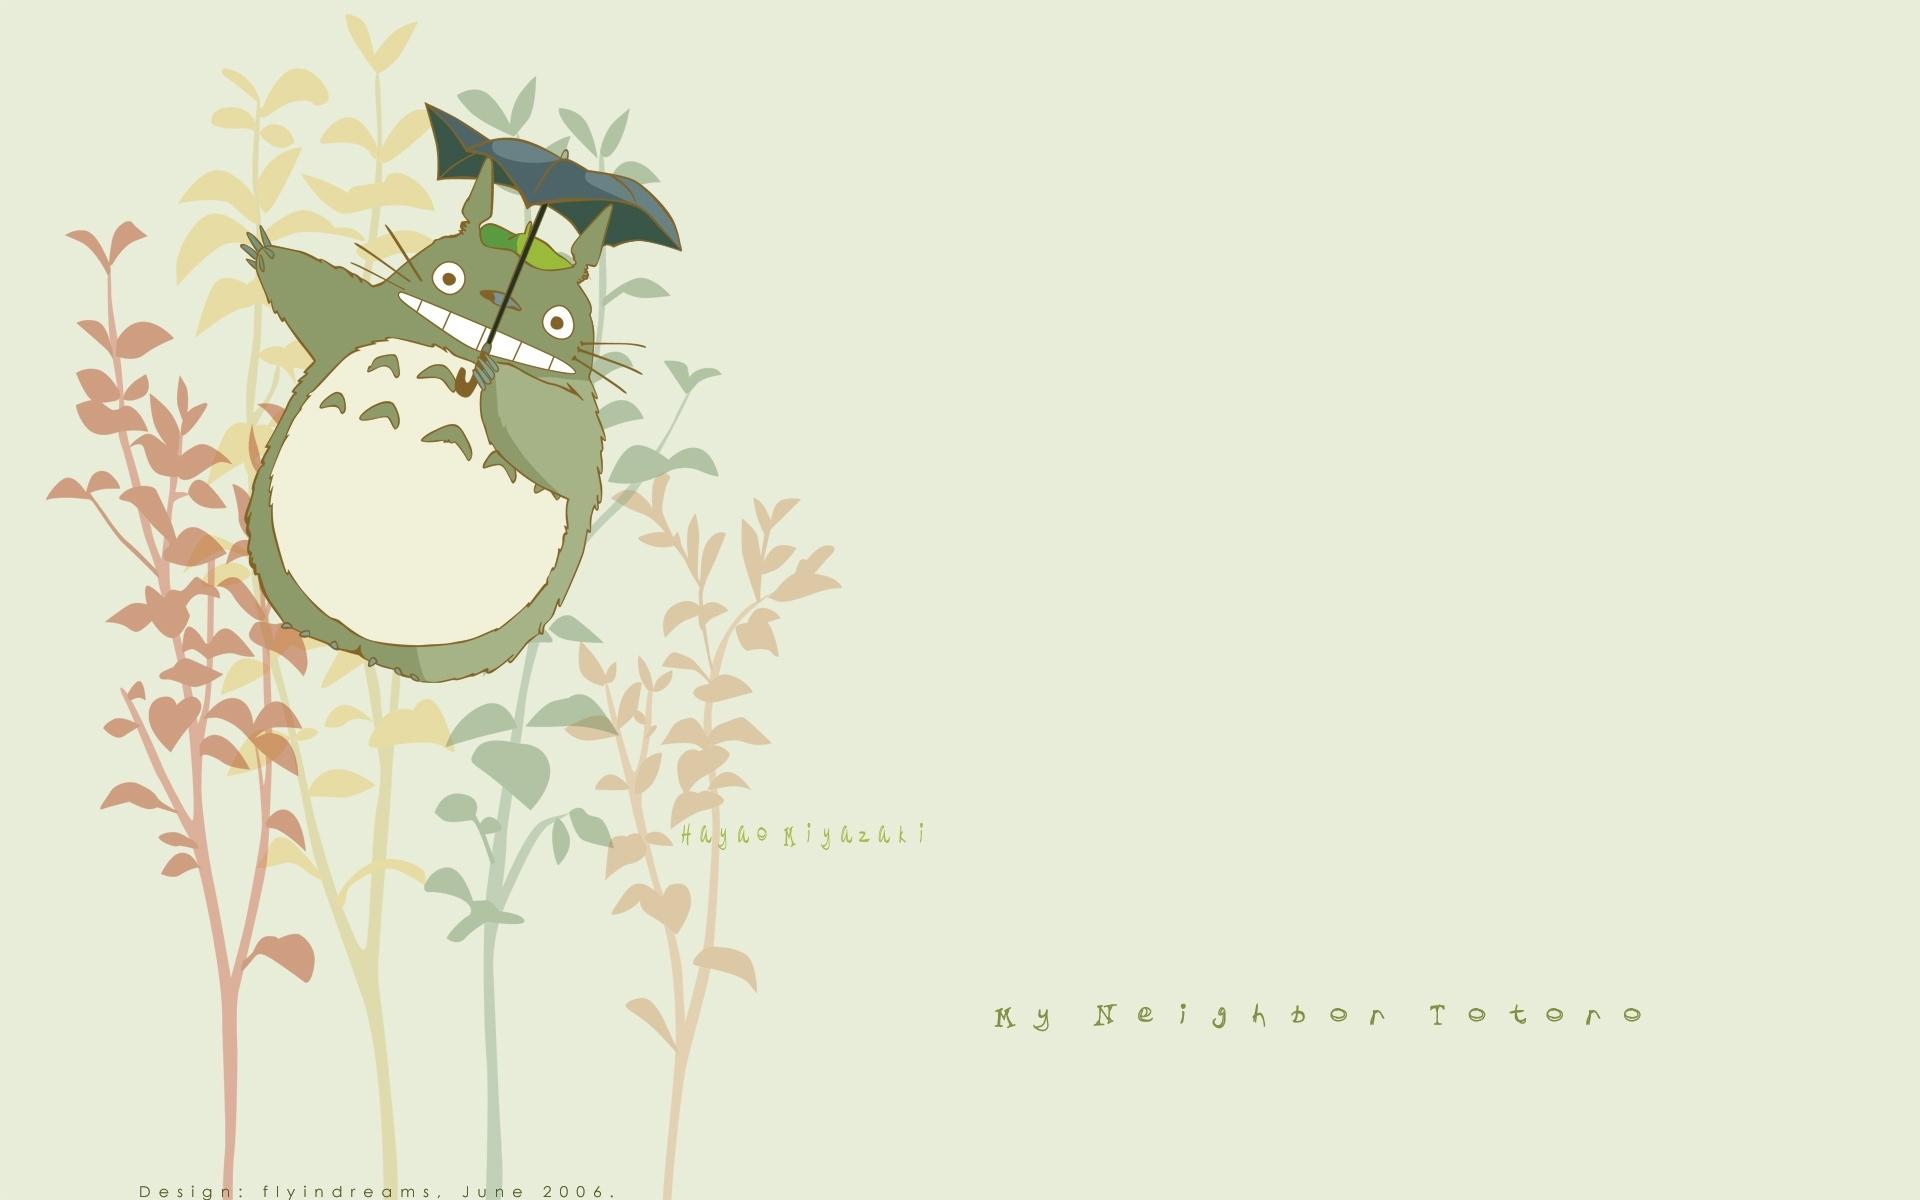 Totoro Studio Ghibli Art Wallpaper 1920x1200 Full HD Wallpapers 1920x1200